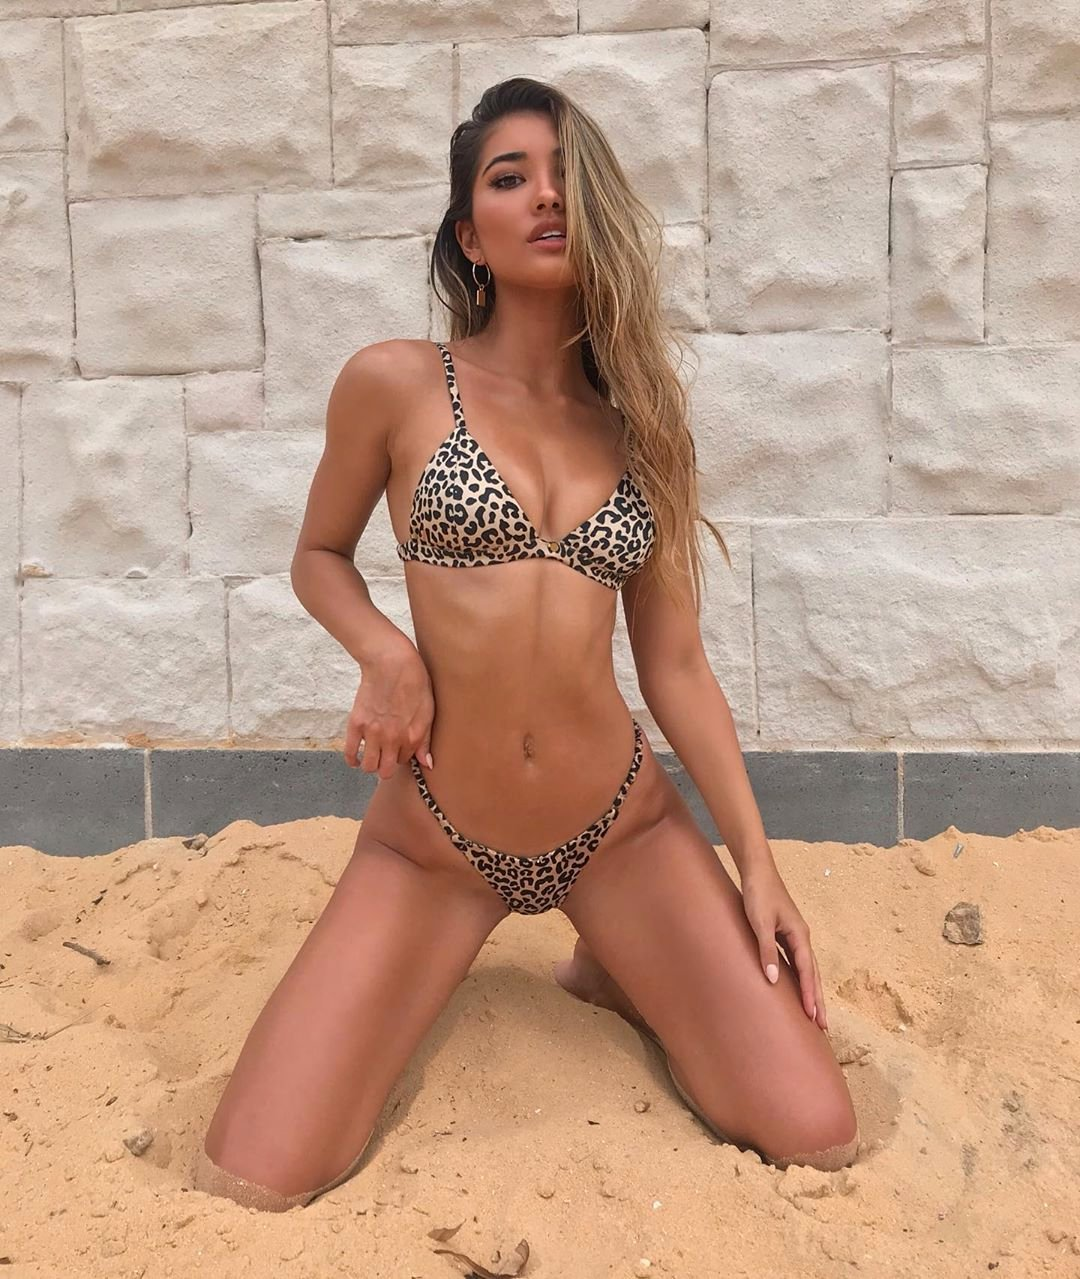 Leah Perkins на пляже фото